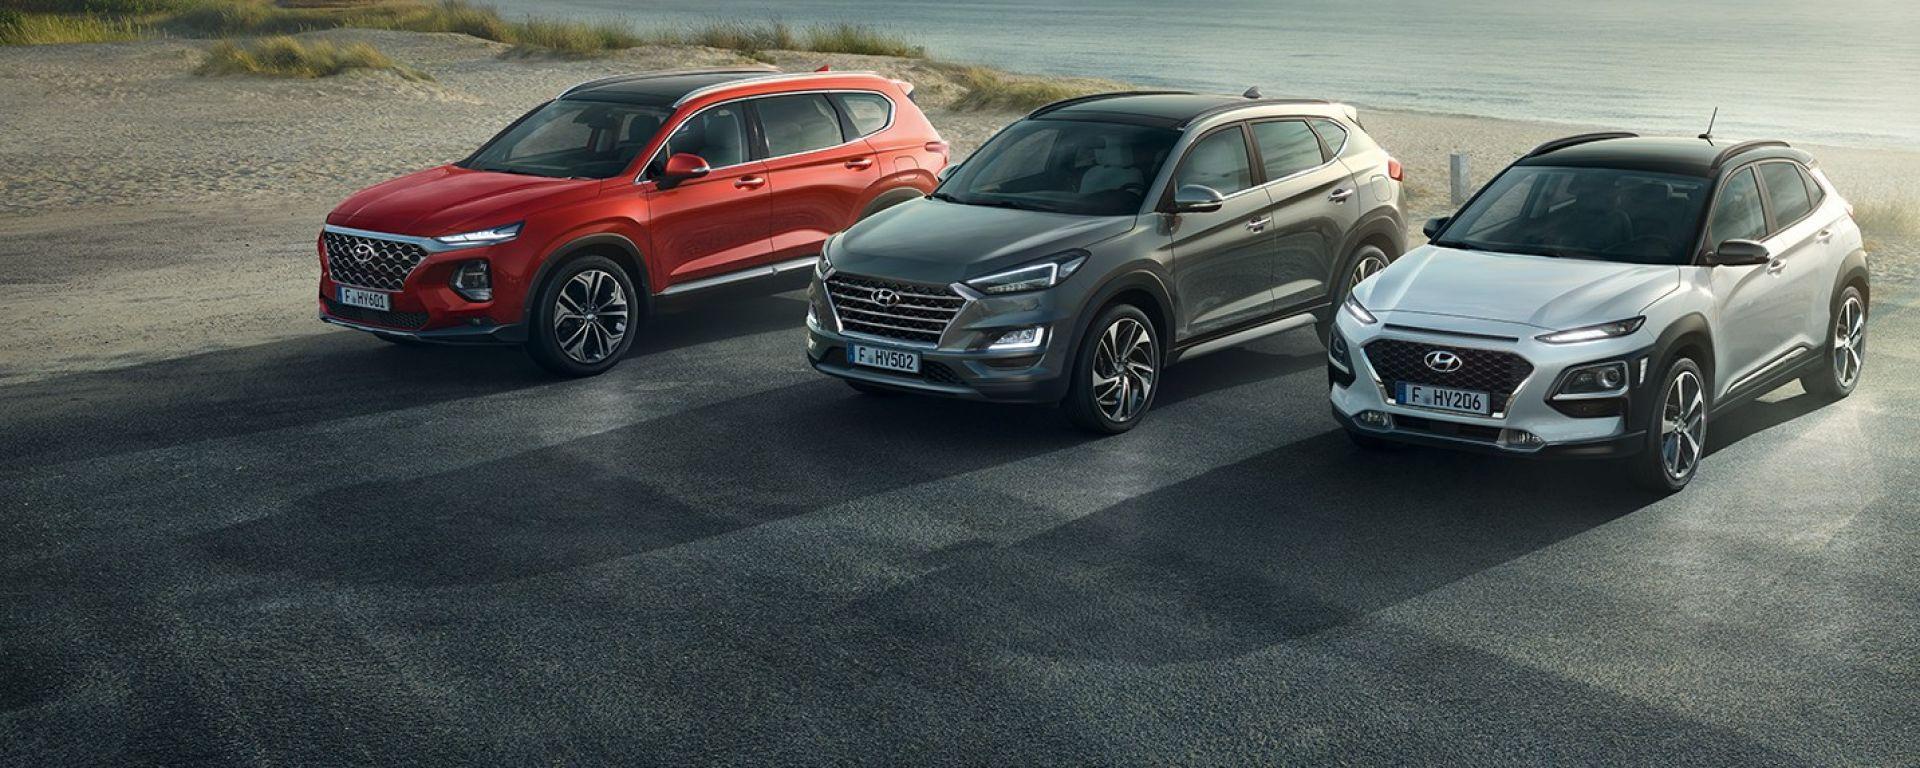 Hyundai Santa Fe, Hyundai Tucson, Hyundai Kona: l'offerta di gennaio 2019